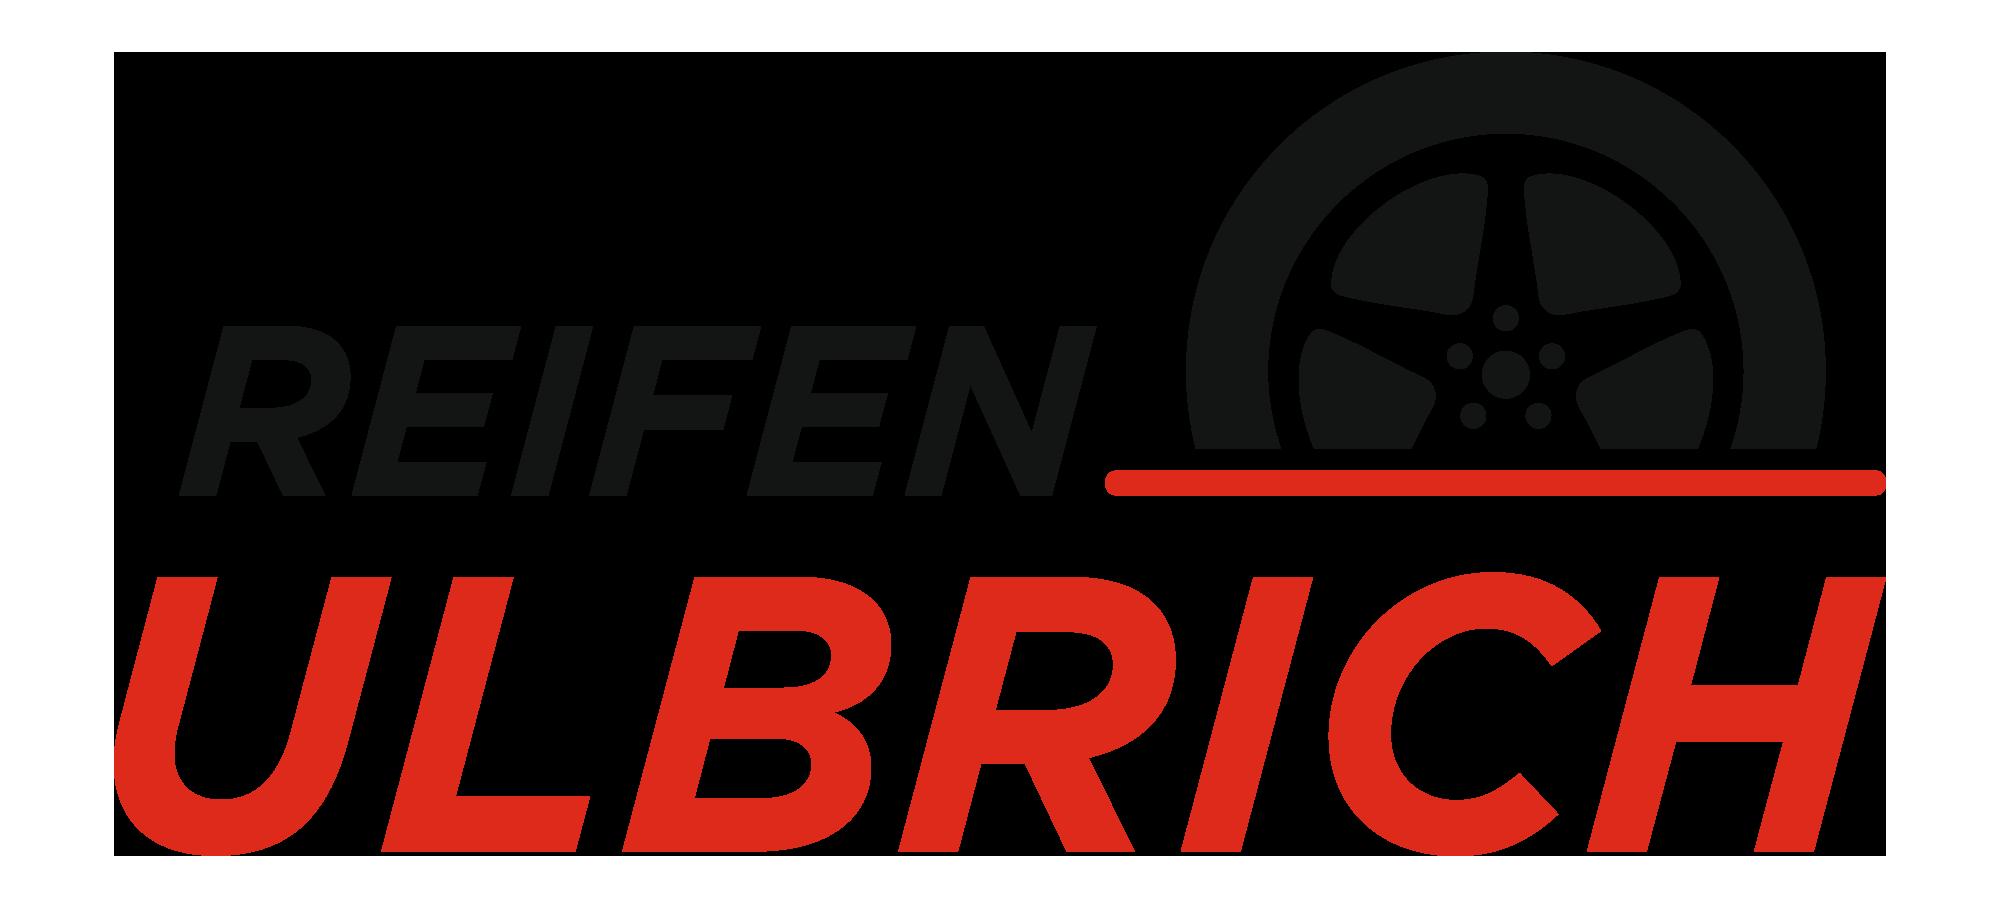 REIFEN ULBRICH